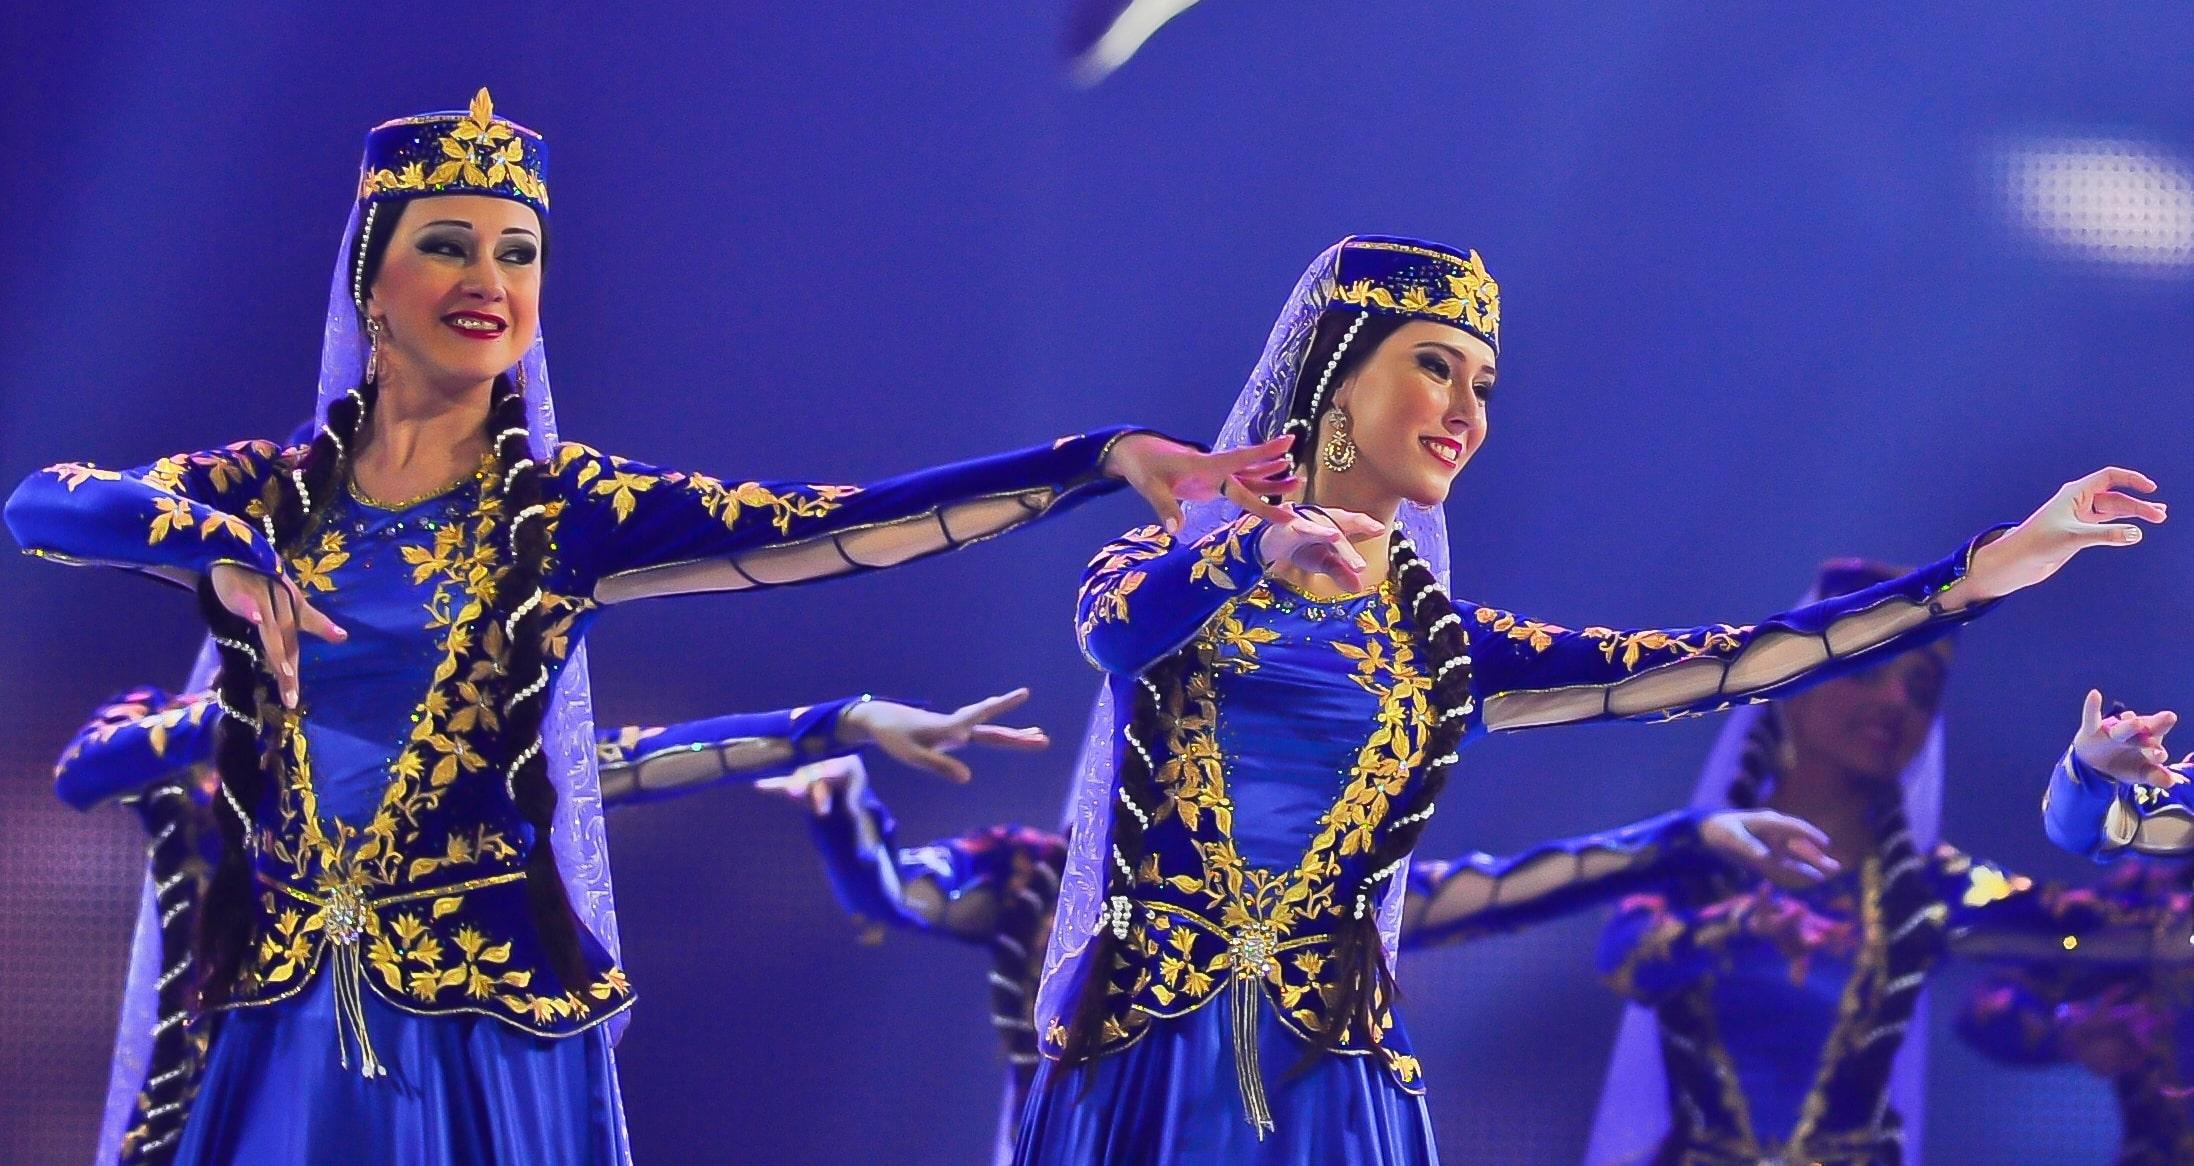 آموزش رقص آذری-آموزش مجازی و حضوری رقص آذربایجانی